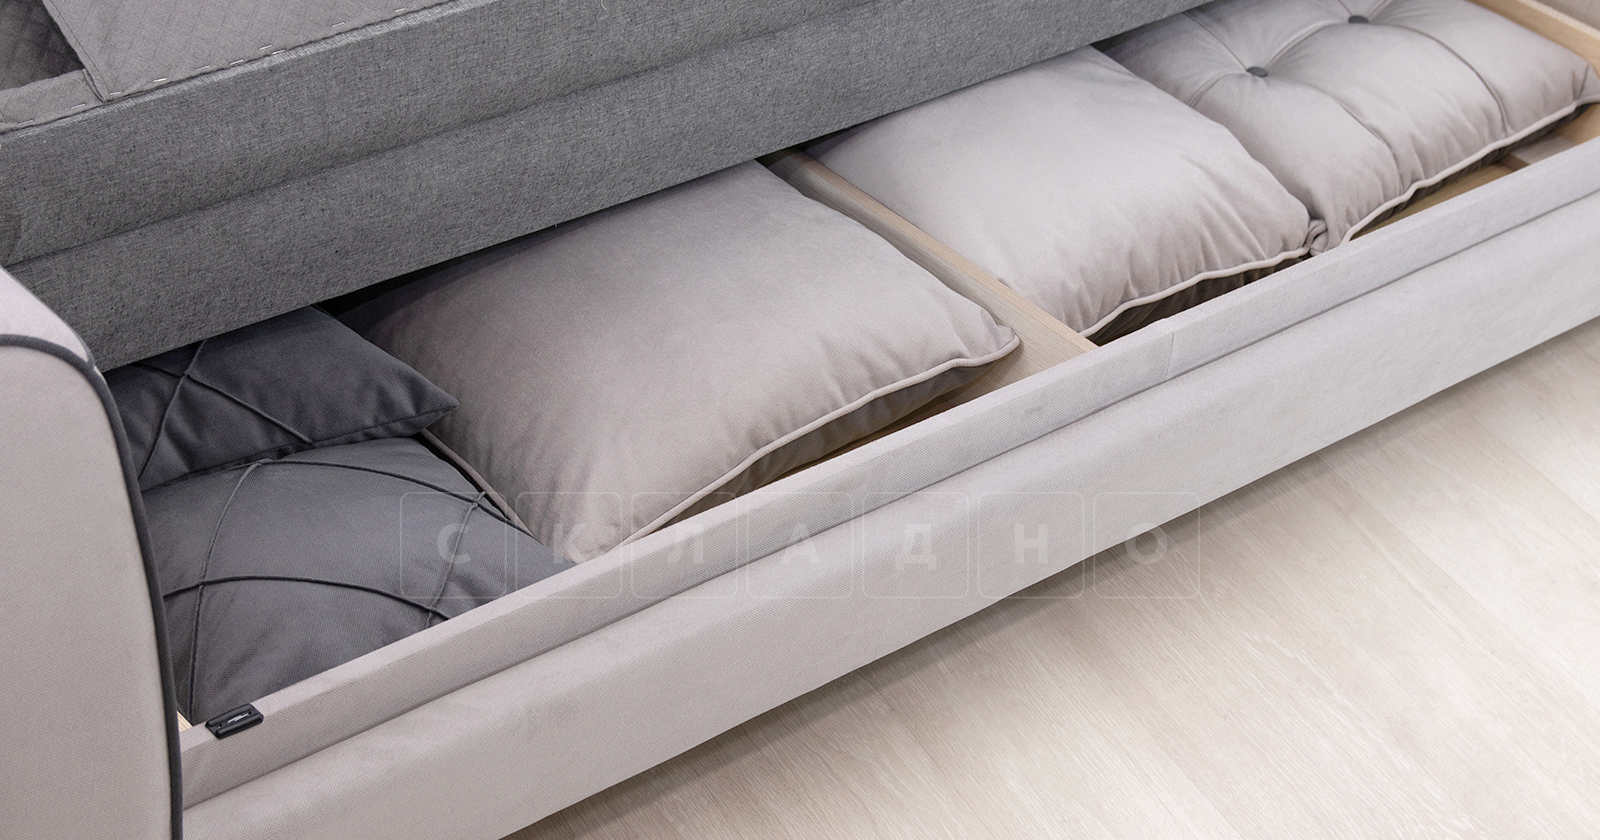 Диван-кровать Флэтфорд светло-серый фото 10 | интернет-магазин Складно